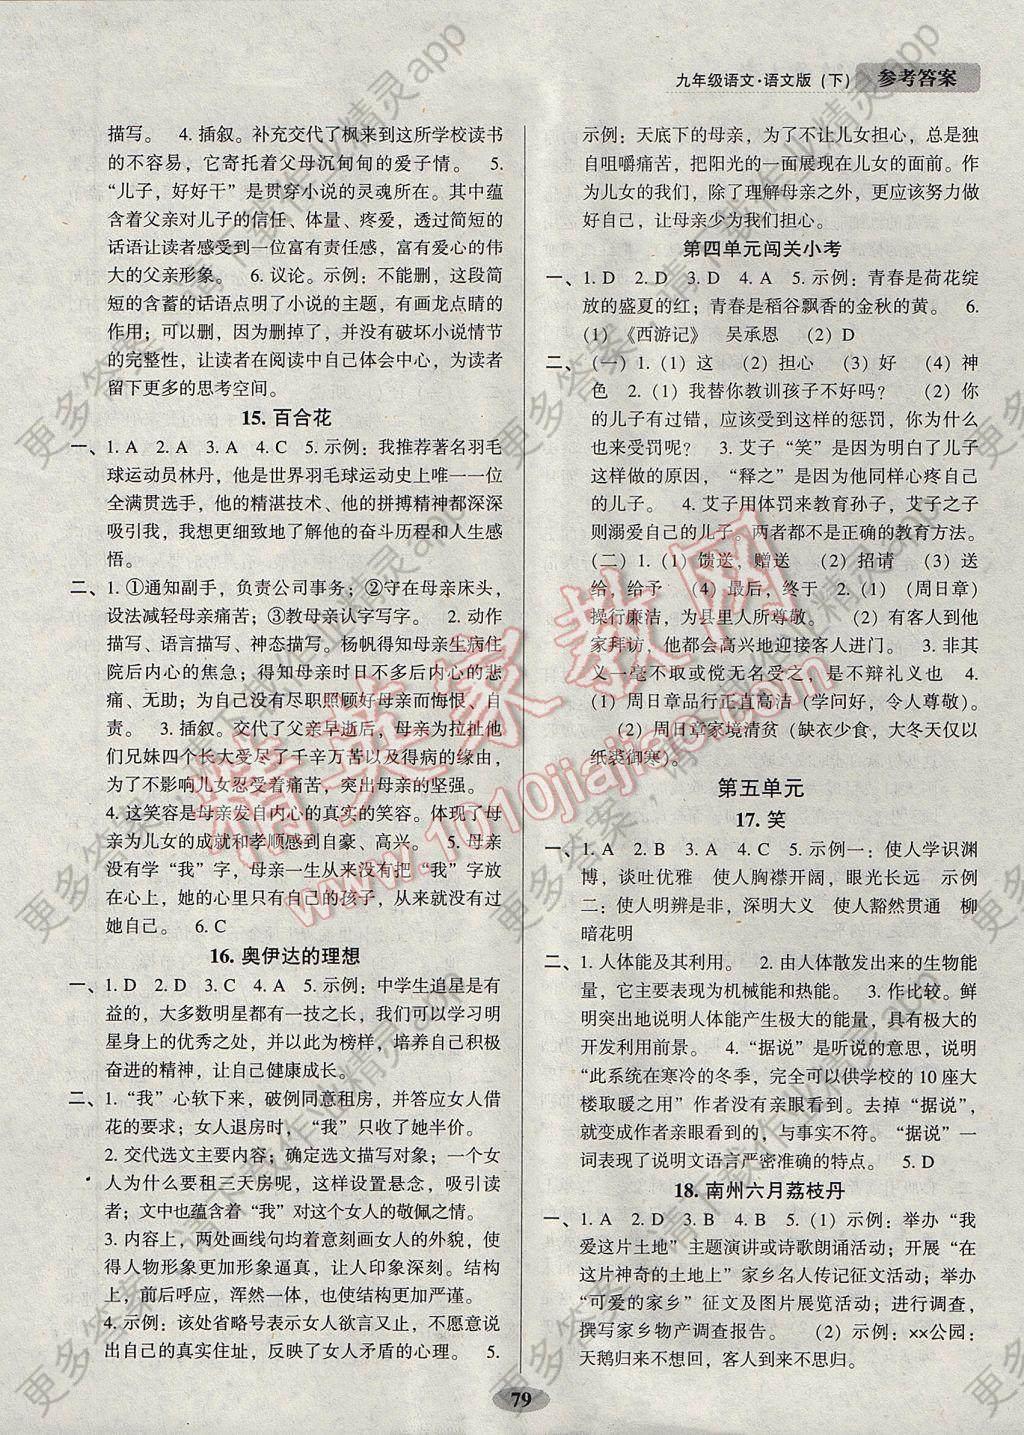 2017年随堂小考九周记文版初中语下册美文语文300年级字图片